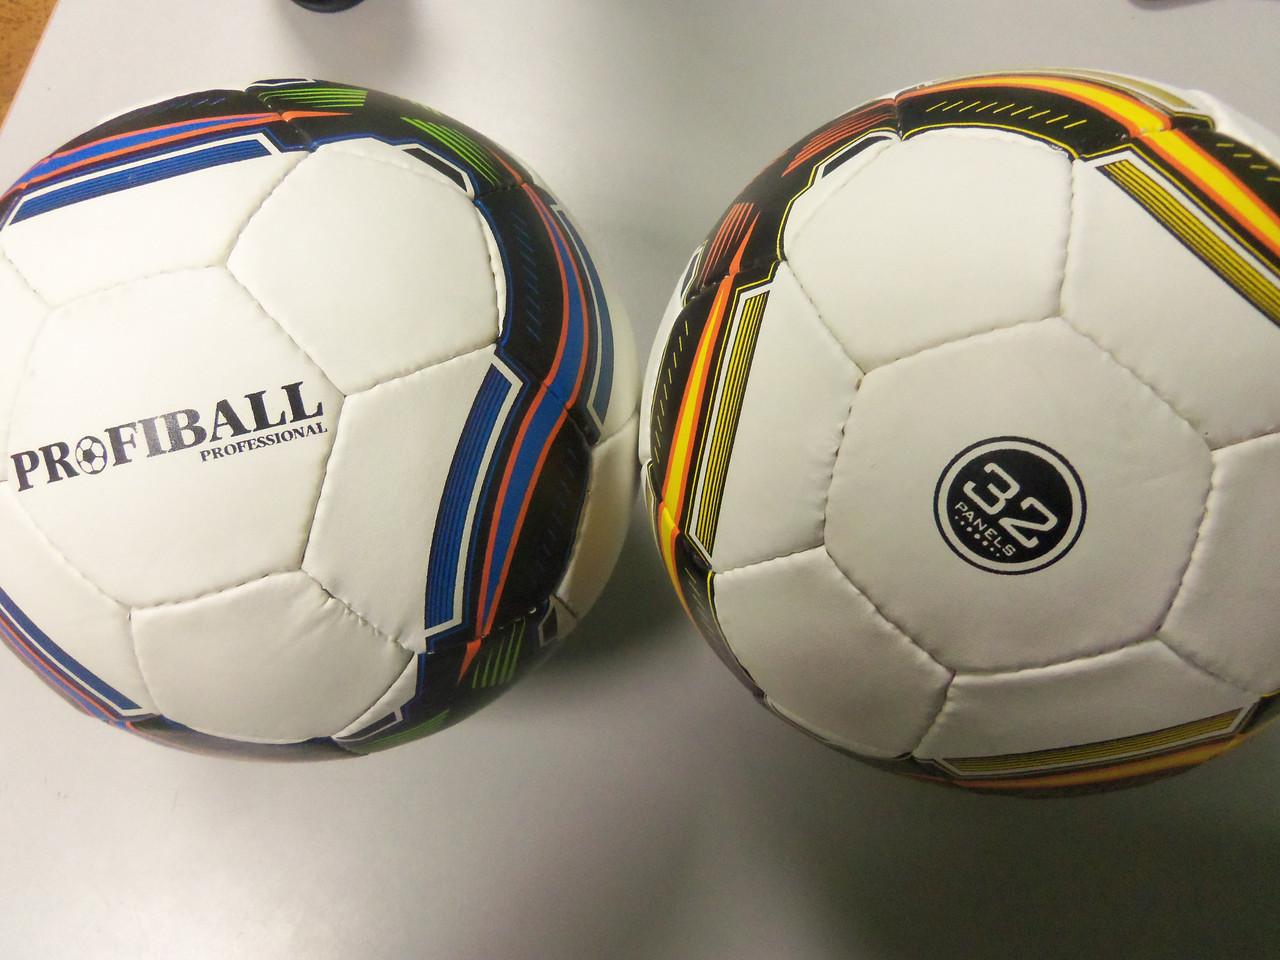 Мяч футбольный profiball отличный подарок детям - MobiLandIT в Запорожье c205a51056a